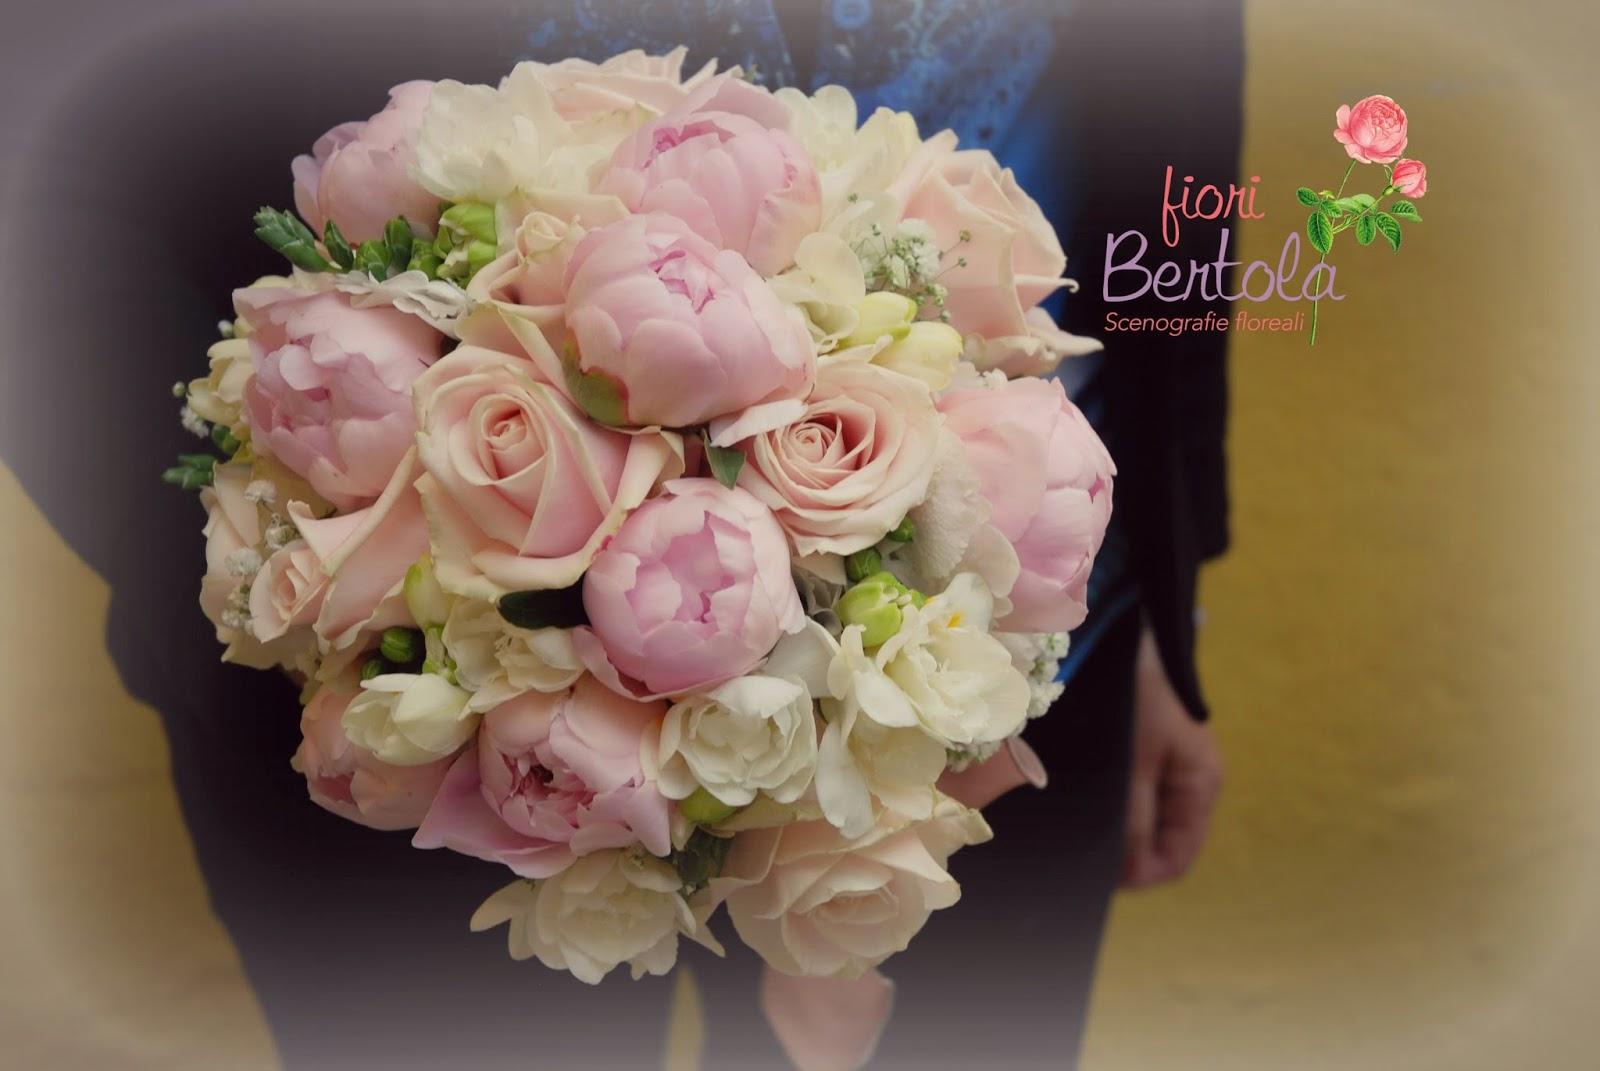 Matrimonio In Rosa E Bianco : Fiori bertola matrimonio in bianco e rosa cipria